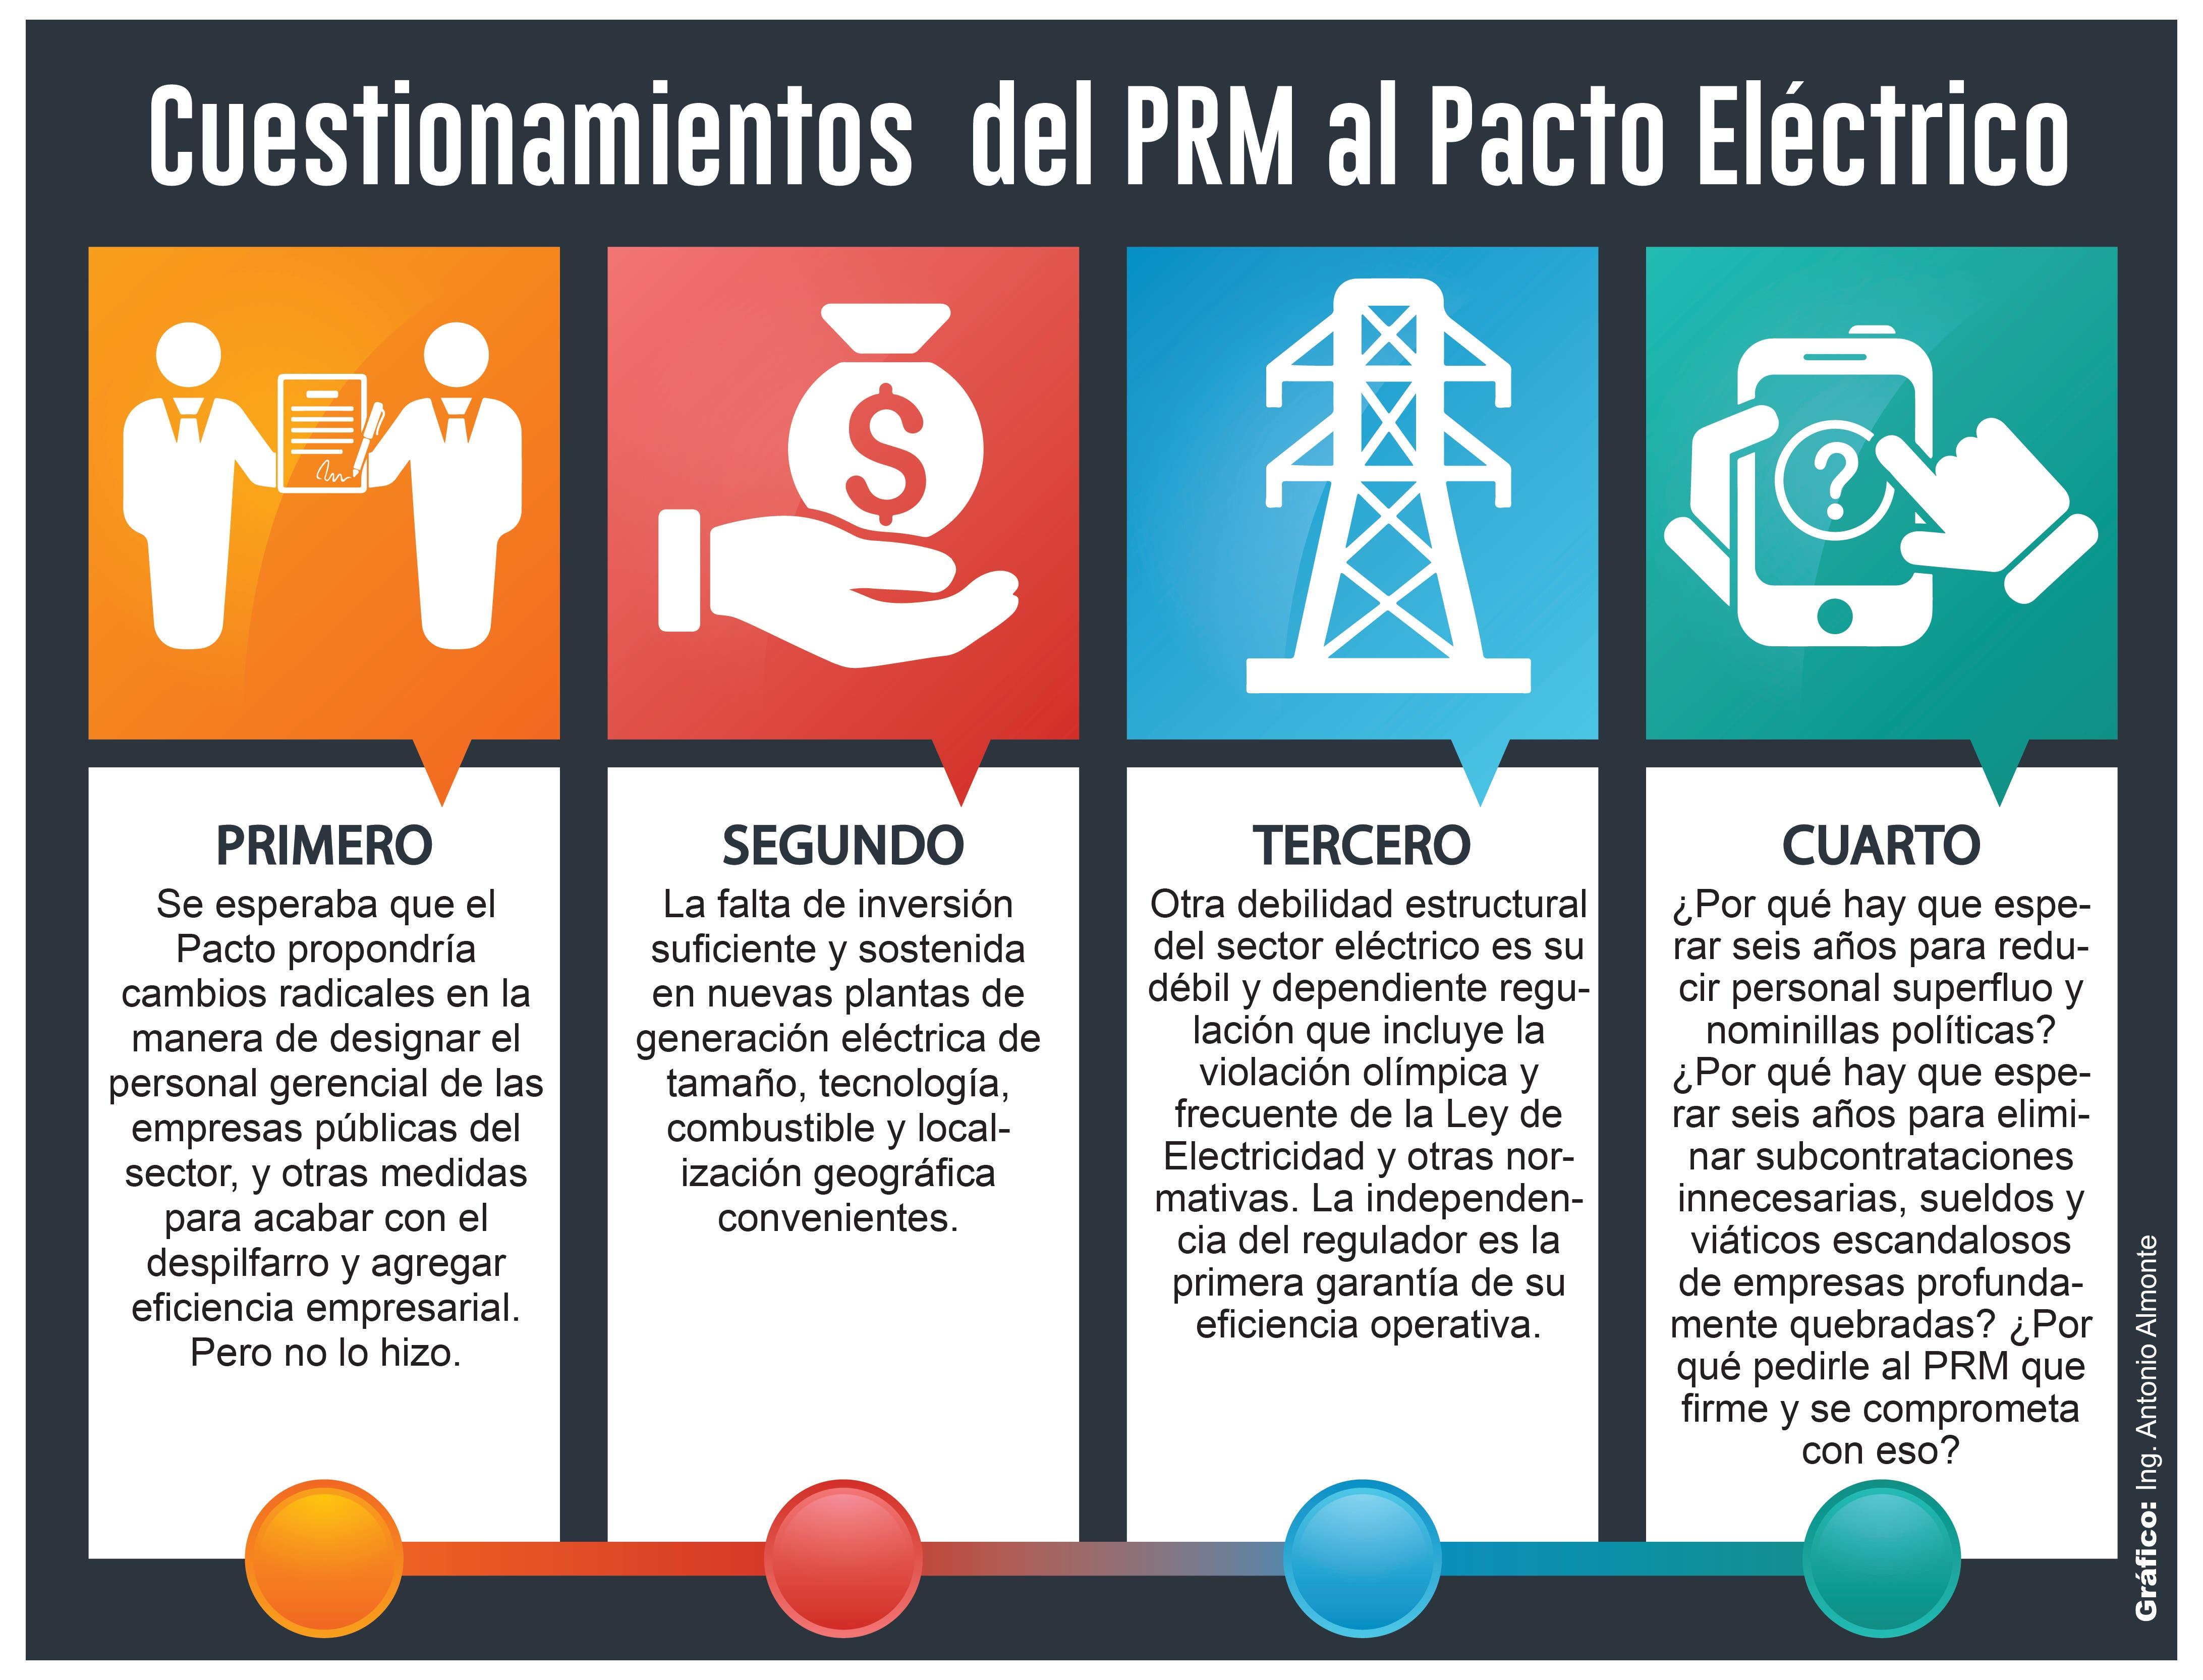 Almonte fundamenta las razones técnicas,  económicas y de transparencia por las que el PRM no podía firma el Pacto Eléctrico